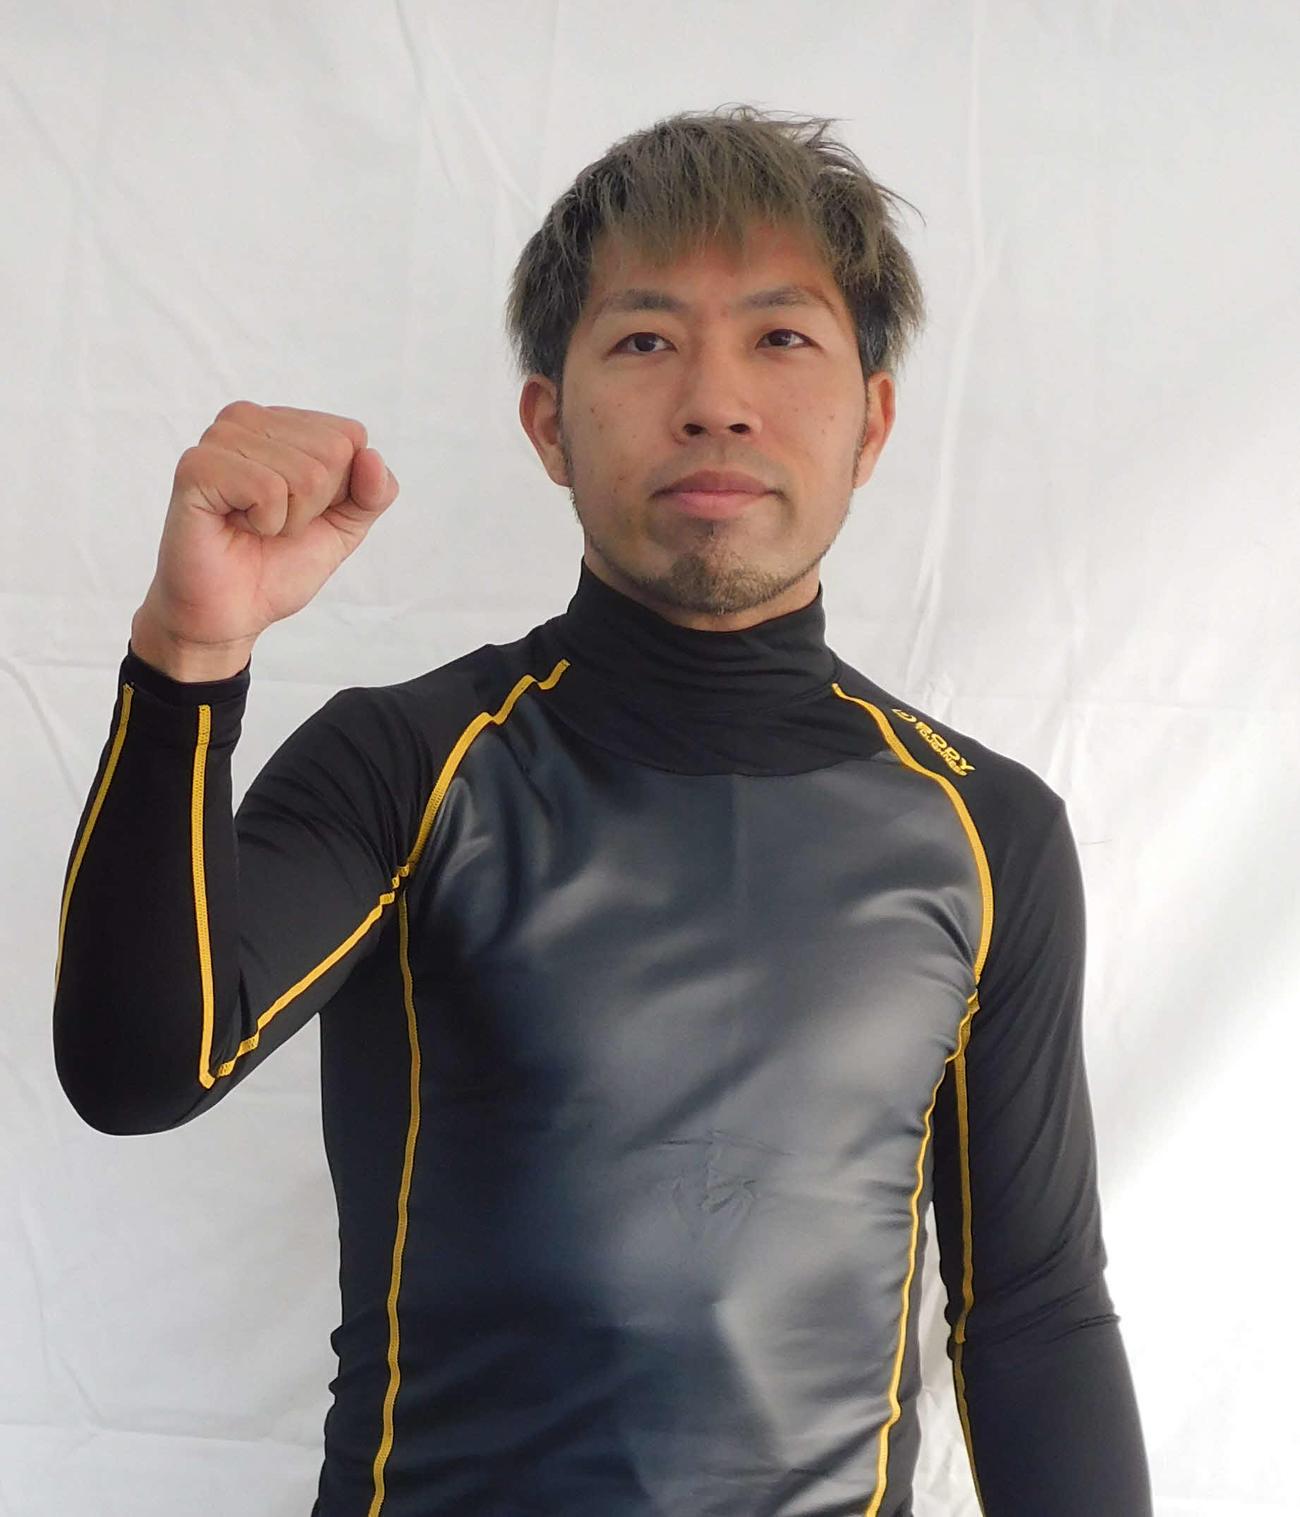 松阪競輪 2予6Rで巧みなさばきを見せた内藤秀久。準決11Rで岩本俊介目標に決勝進出を狙う